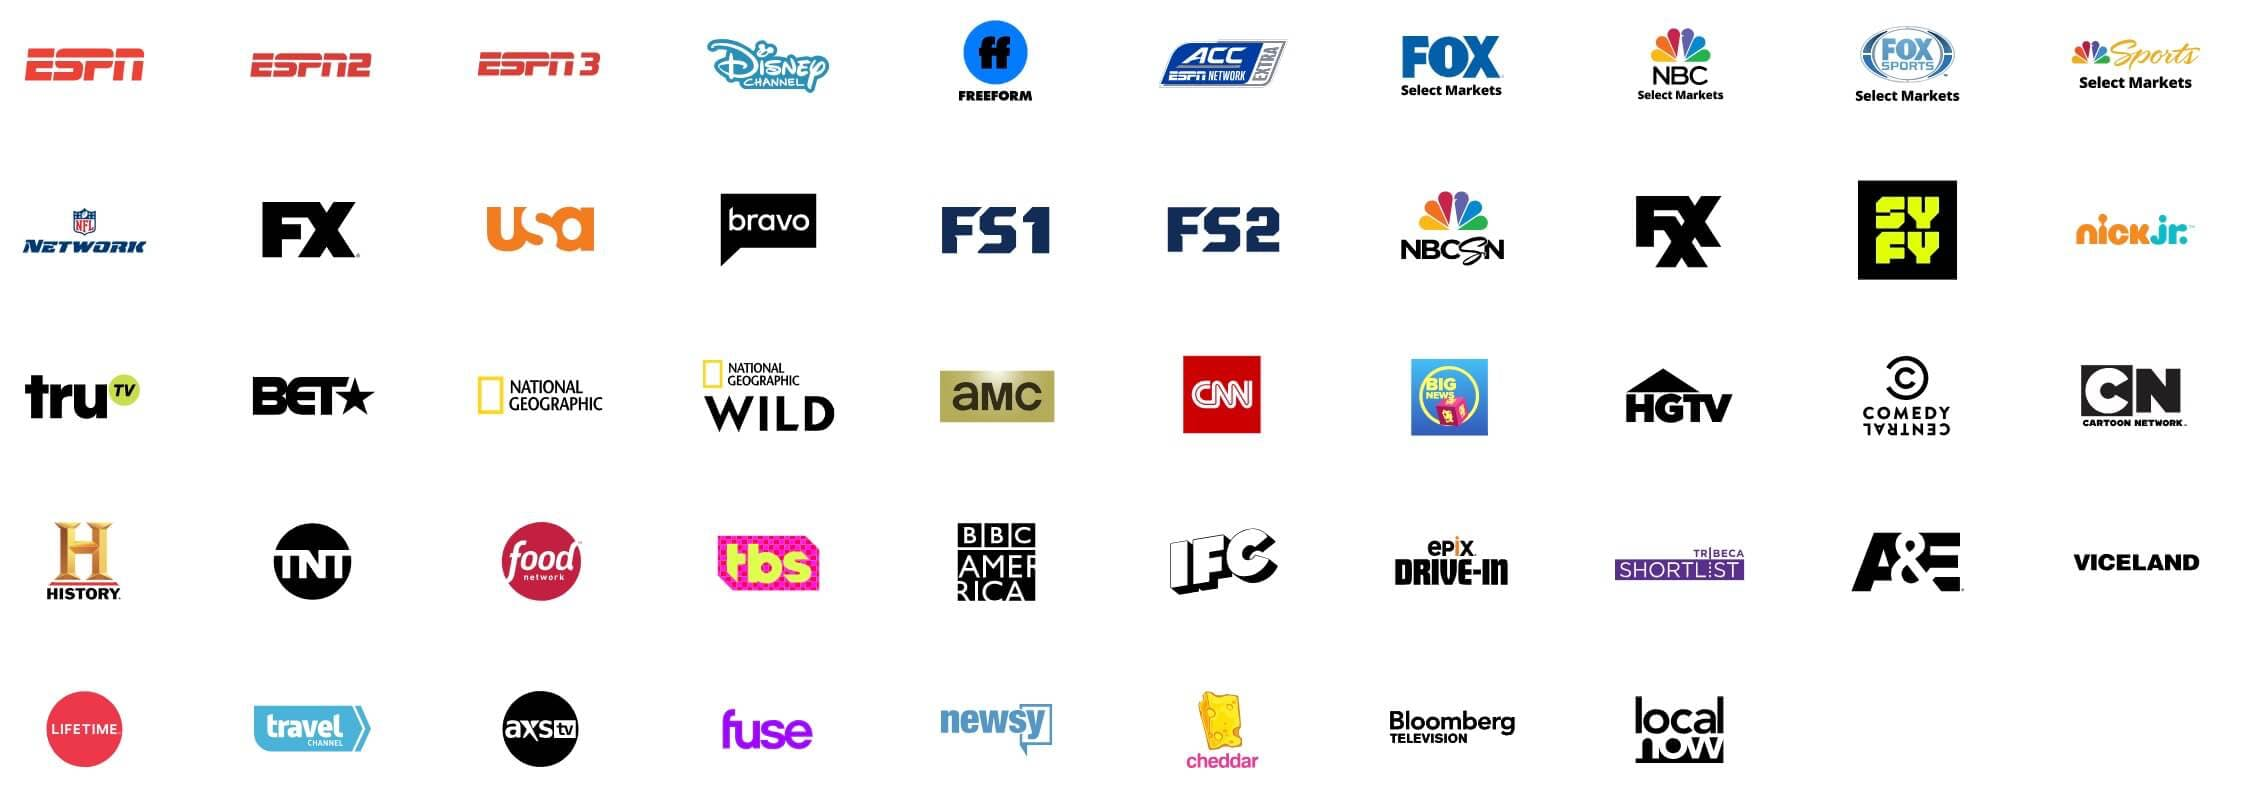 jaguars bengals sling tv streaming afc nfl